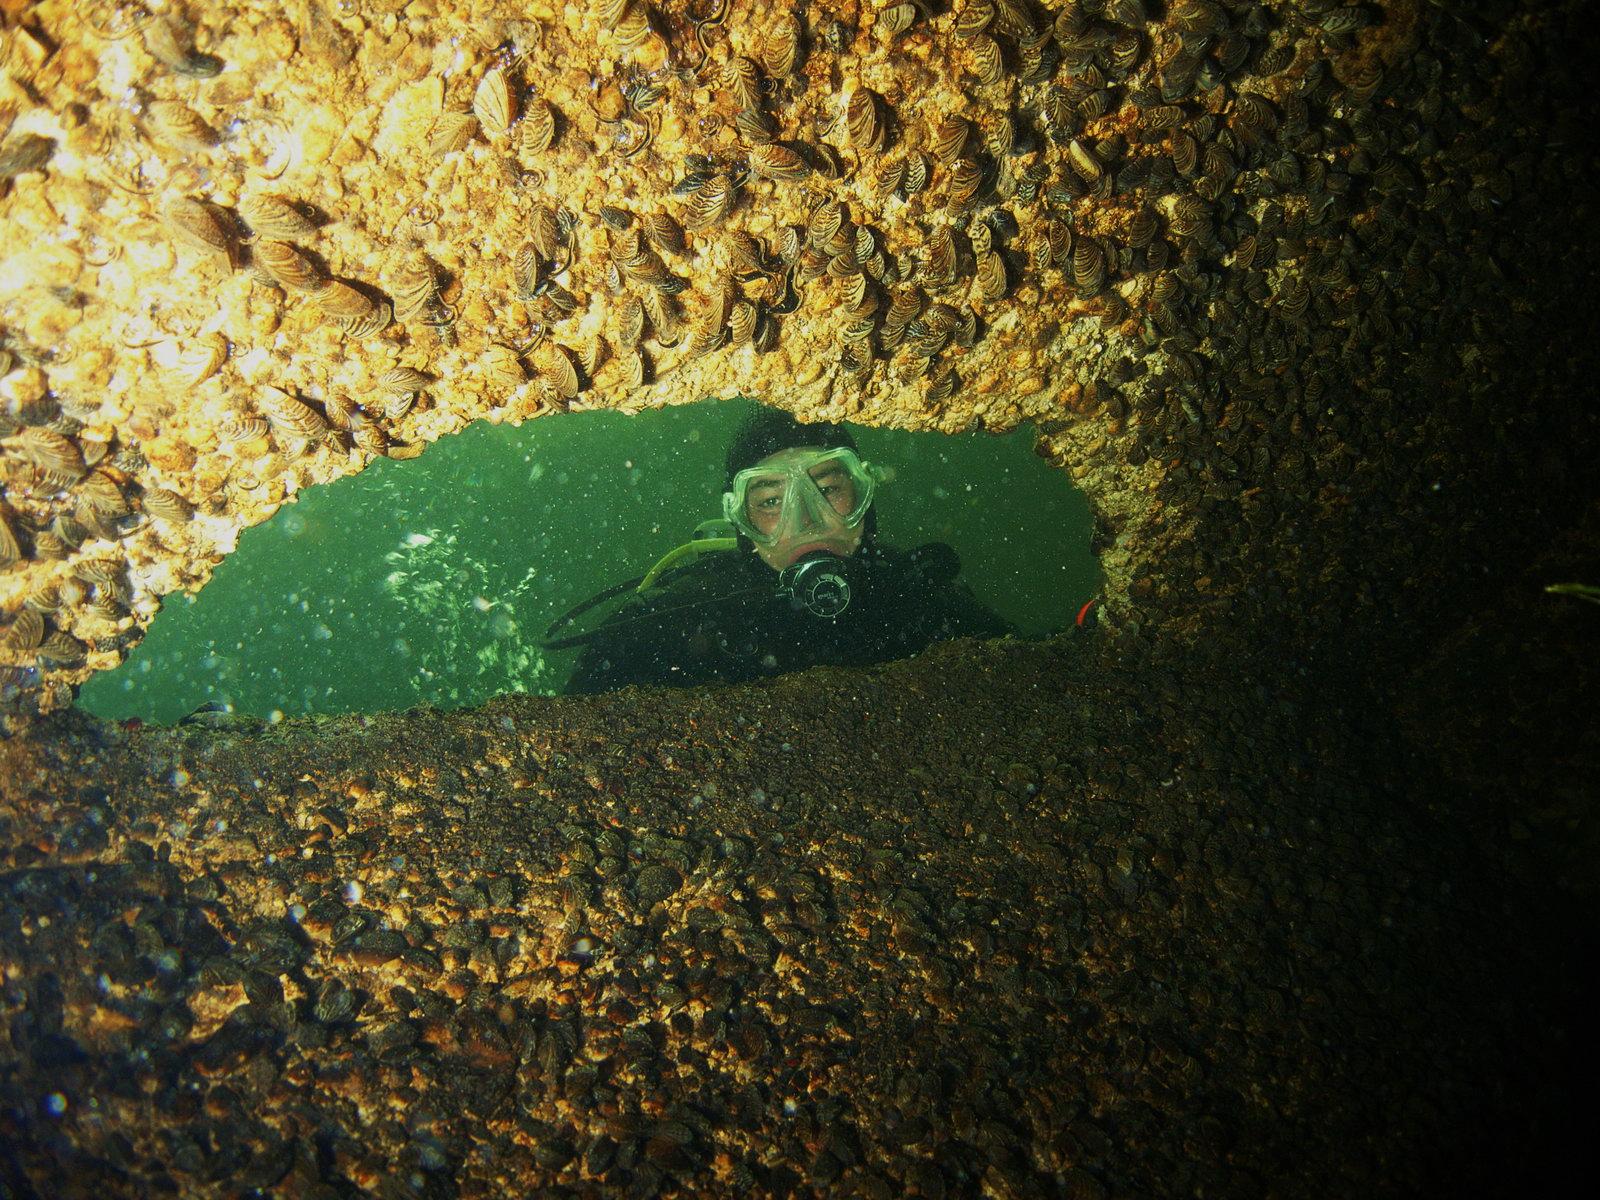 Höhlentaucher blickt in die Höhle